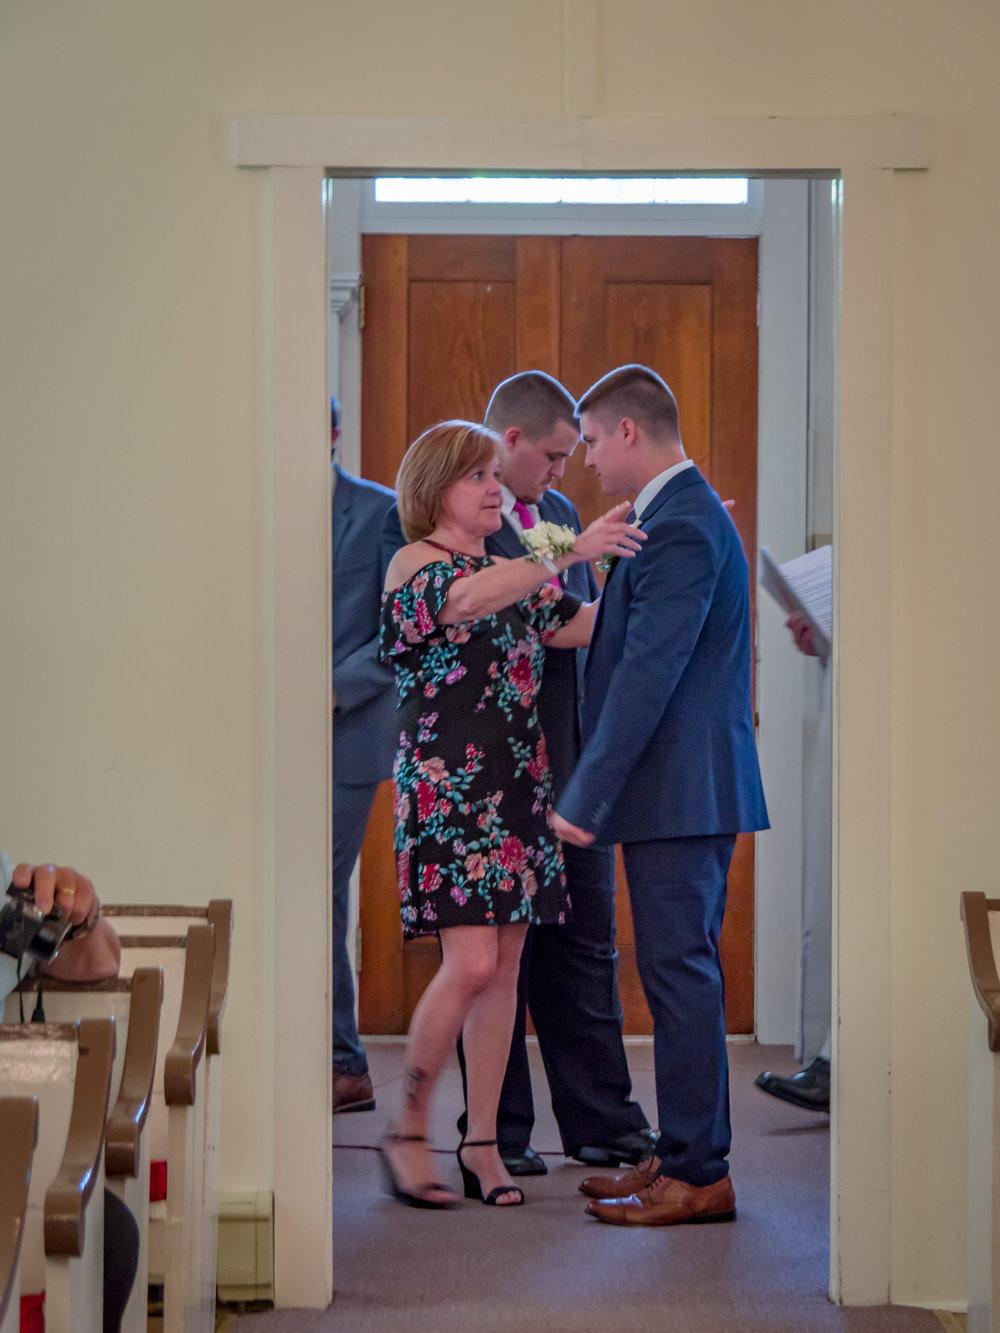 12 - Haines Ceremony - 20180616 - Haines -6167389.jpg